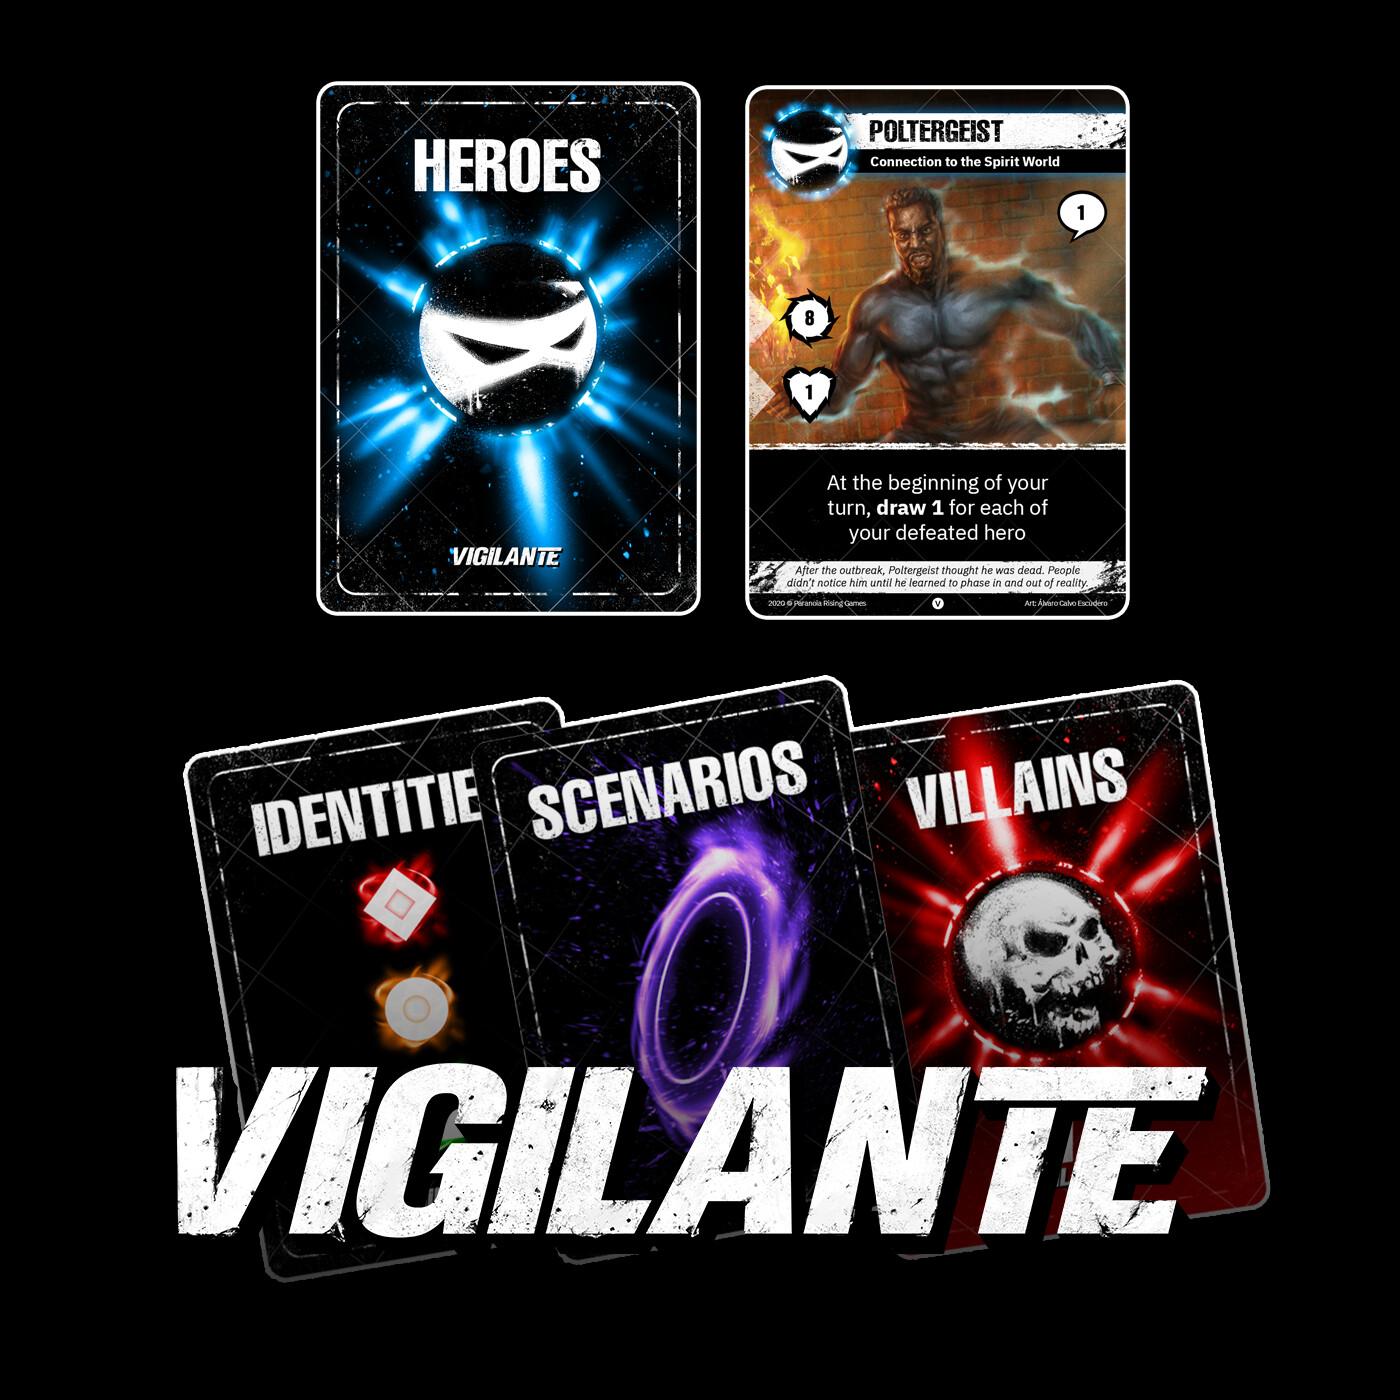 VIGILANTE: CARD DESIGN